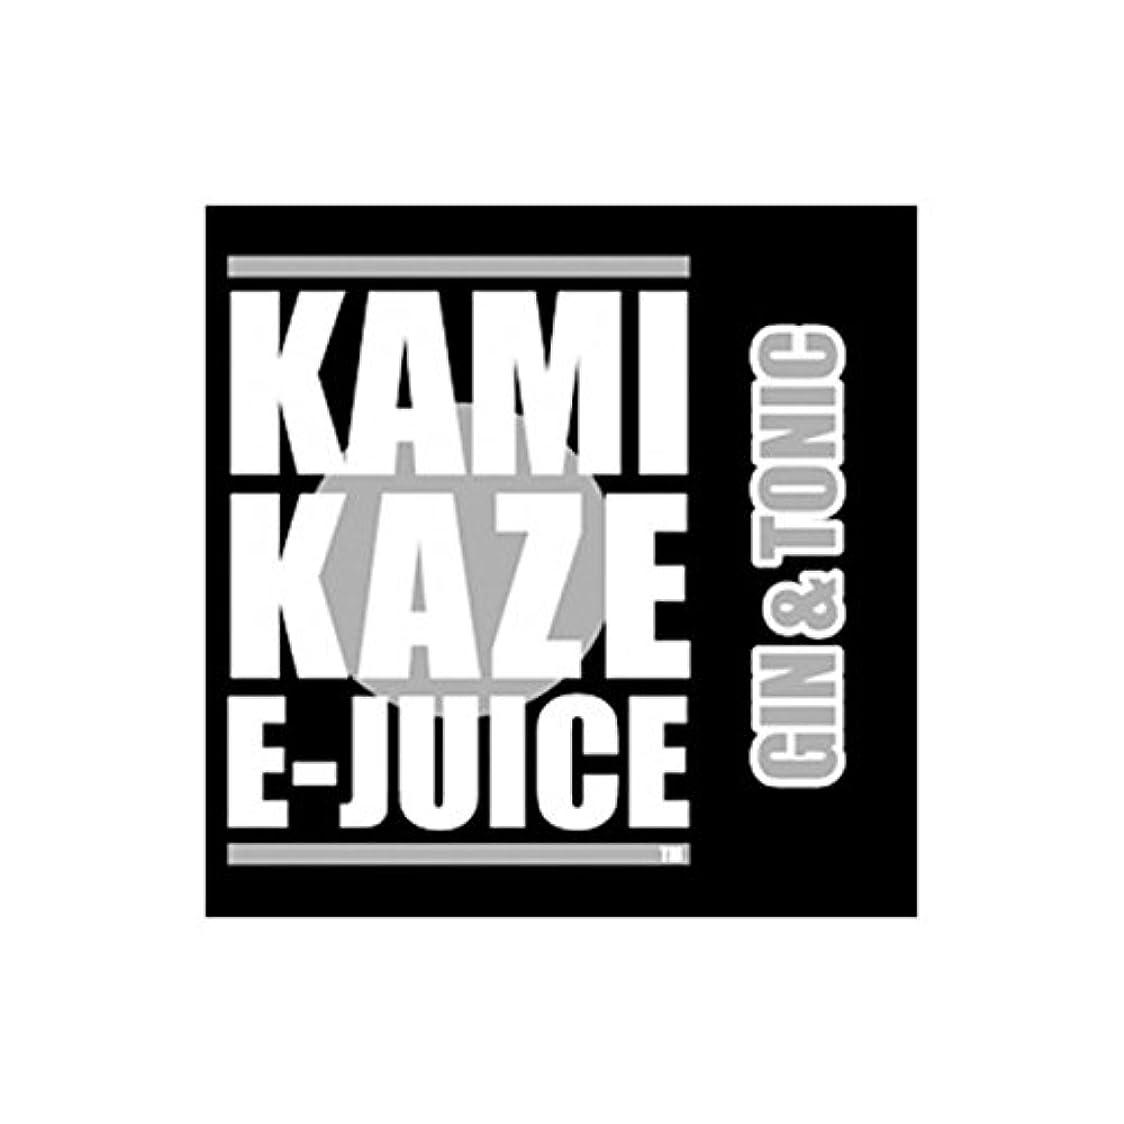 はちみつスワップ無関心KAMIKAZE E-JUICE カミカゼ ジントニックフレーバー GIN&TONIC 電子タバコ 日本製国産 リキッド 15ml 2本